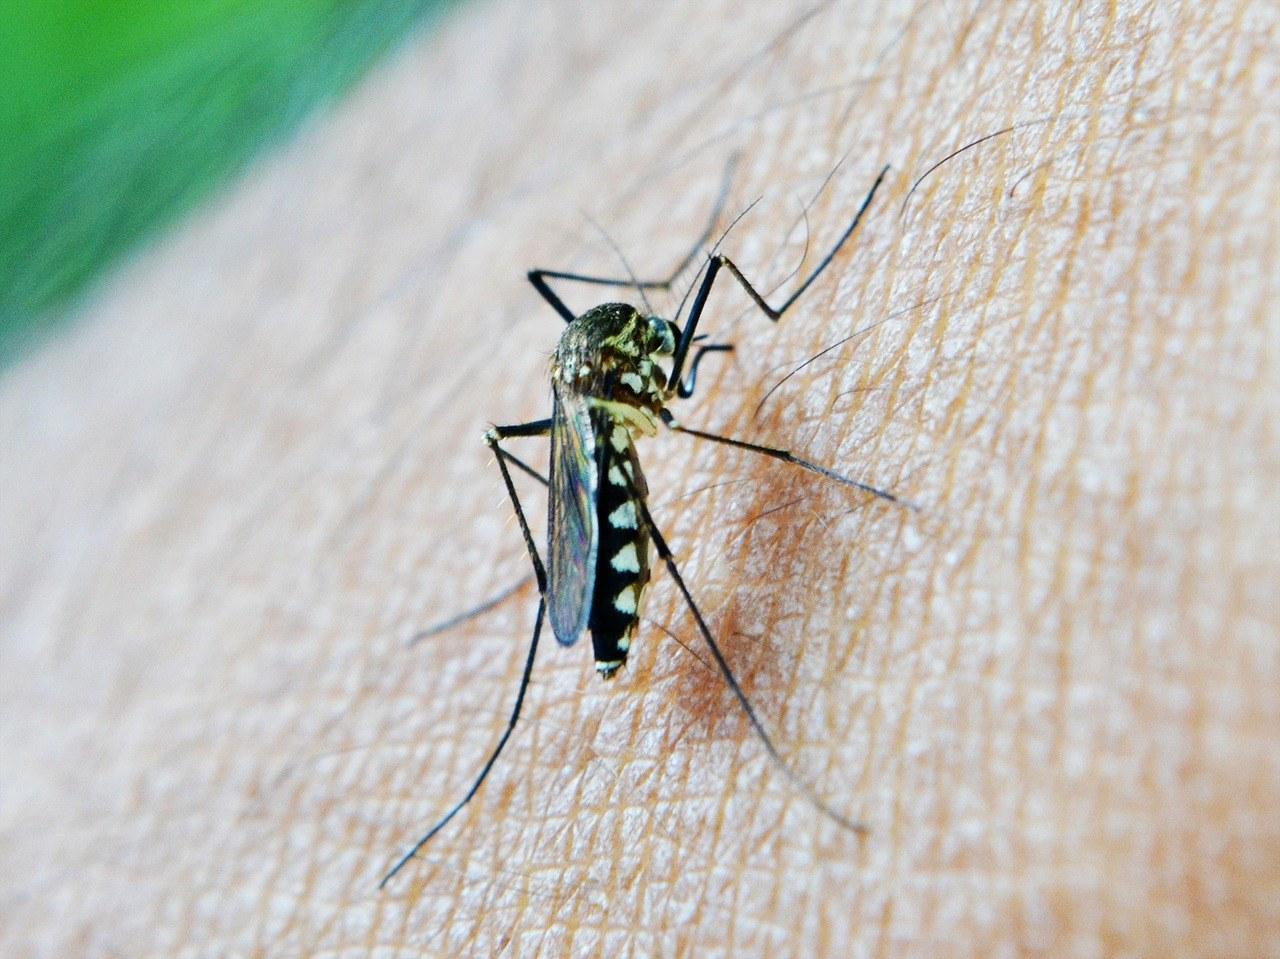 Malariamug prikt op de huid